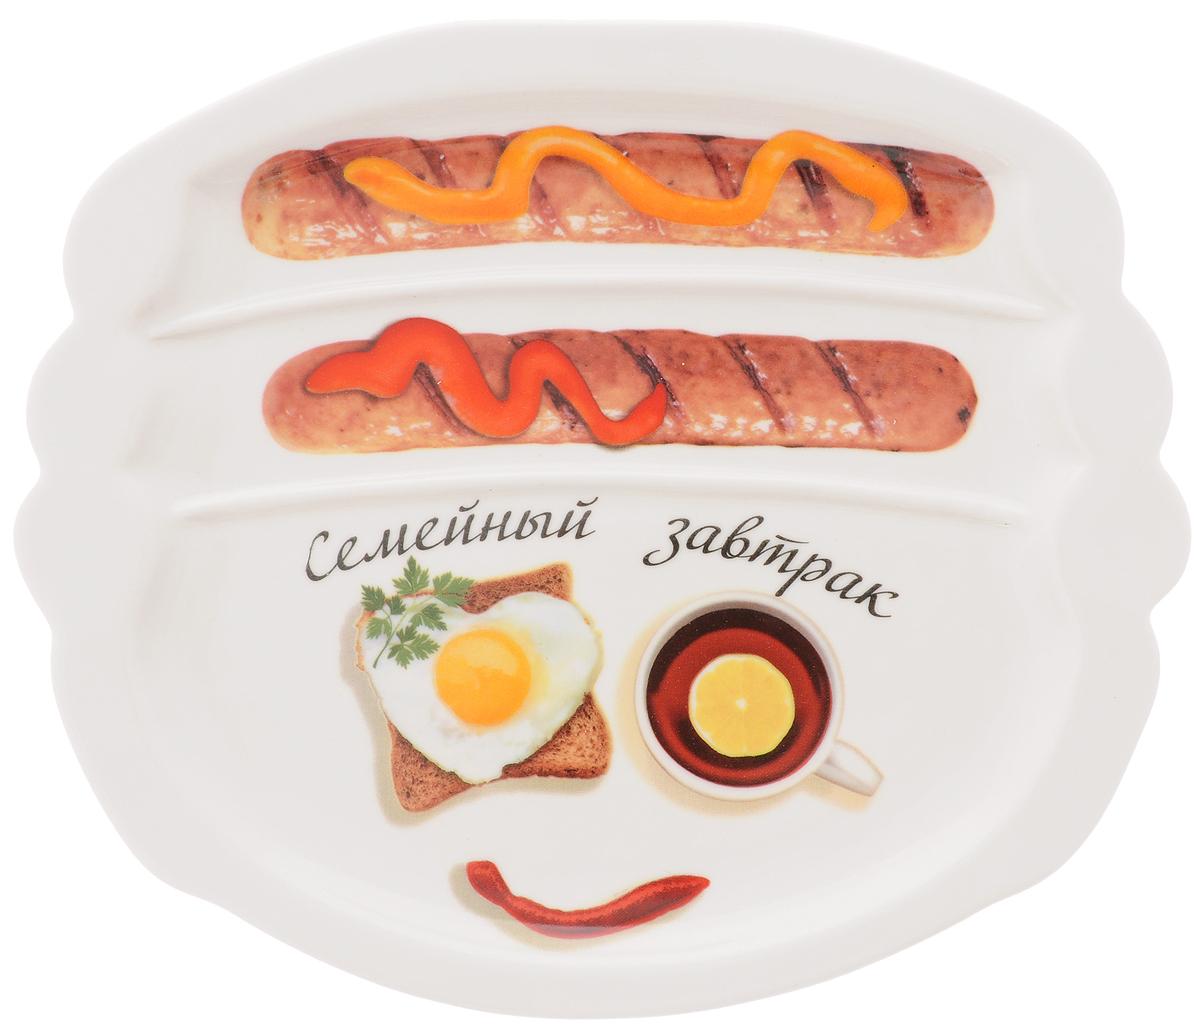 Тарелка для завтрака LarangE Семейный завтрак. Бодрящий, 22,5 х 19 х 1,5 см589-304Тарелка для завтрака LarangE Семейный завтрак. Бодрящий изготовлена из высококачественной керамики и украшена с изображением еды. Тарелка имеет три отделения: 2 маленьких отделения для сосисок и одно большое отделение для яичницы или другого блюда. Можно использовать в СВЧ печах, духовом шкафу и холодильнике. Не применять абразивные чистящие вещества.Размер тарелки: 22,5 х 19 см. Высота тарелки: 1,5 см.